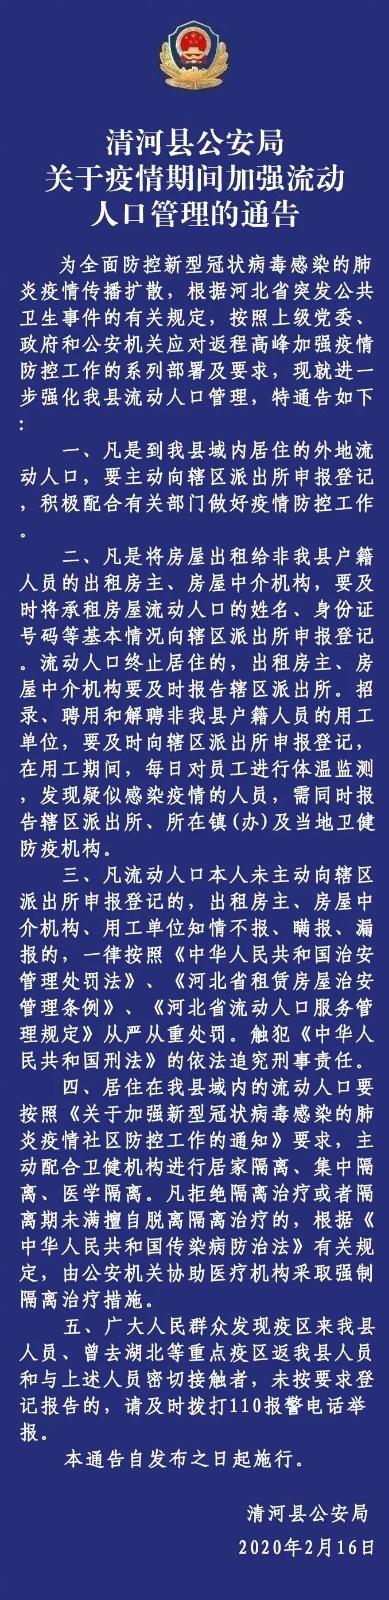 清河县公安局关于疫情期间加强流动人口管理的通告